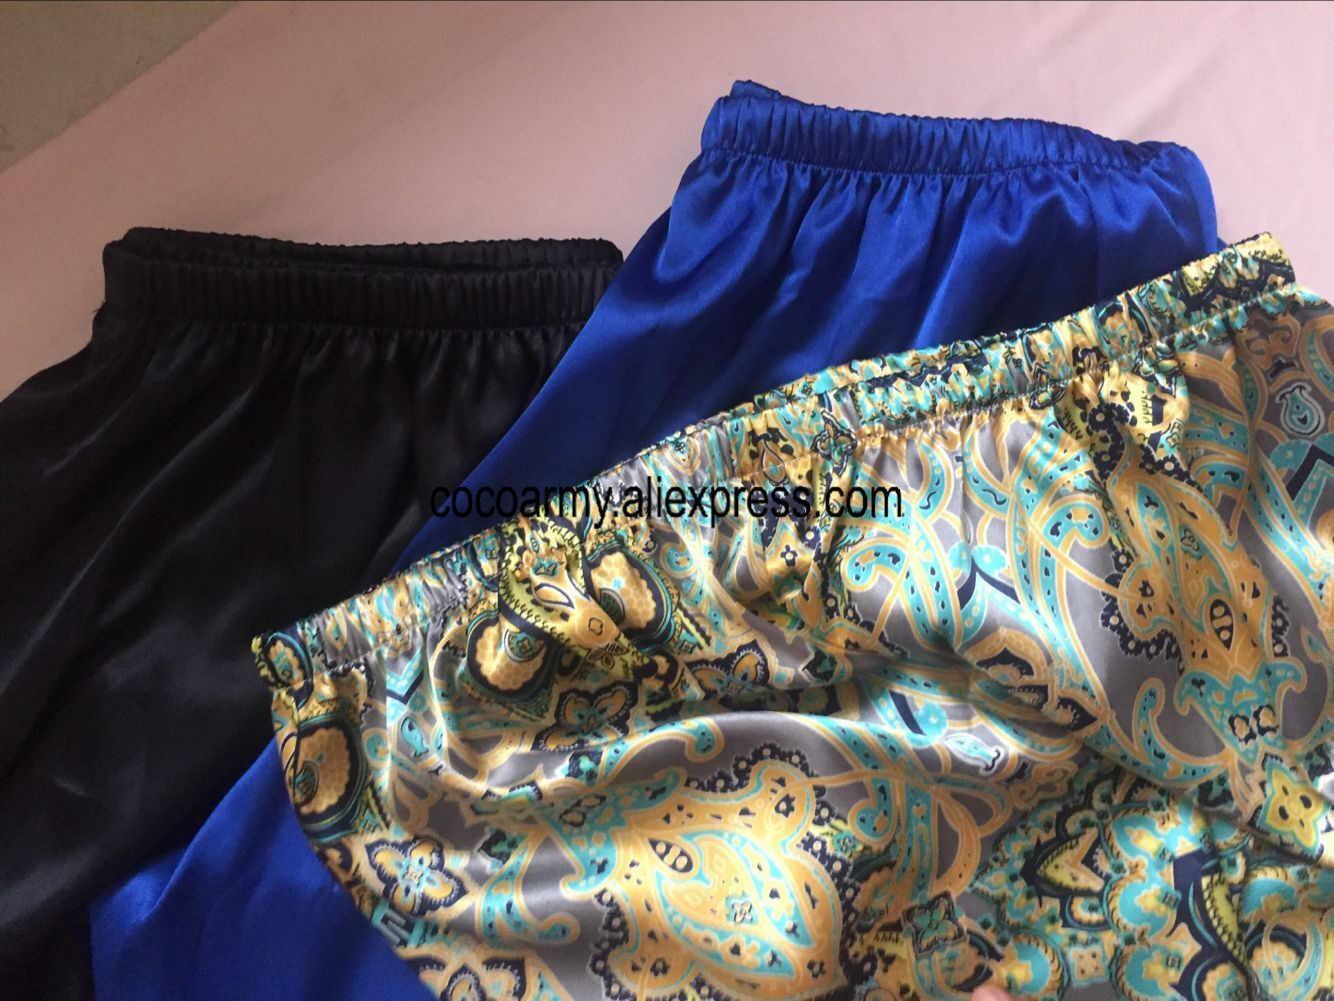 dd2d7087c1075 ... 17 цвет плюс размеры 3XL Ночная Пижама атласные шелковые брюки пижамы  Pijama эластичный пояс джентльмен дома